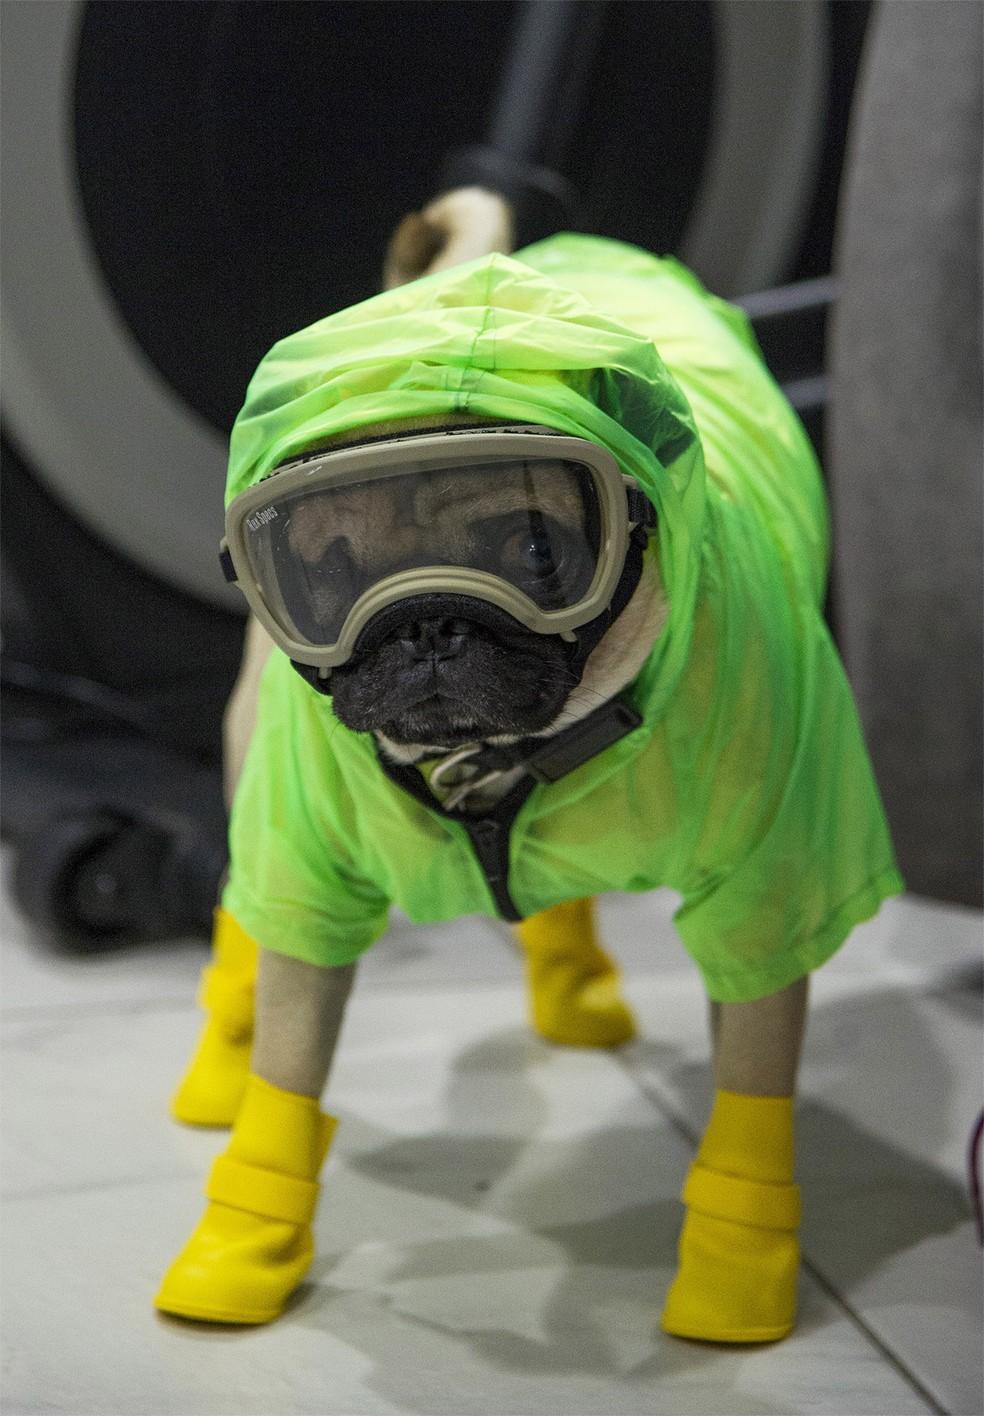 Harley tem traje e acessórios especiais para atuar como cachorro terapeuta de equipes médicas de hospital na Cidade do México durante a pandemia — Foto: Claudio Cruz/AFP